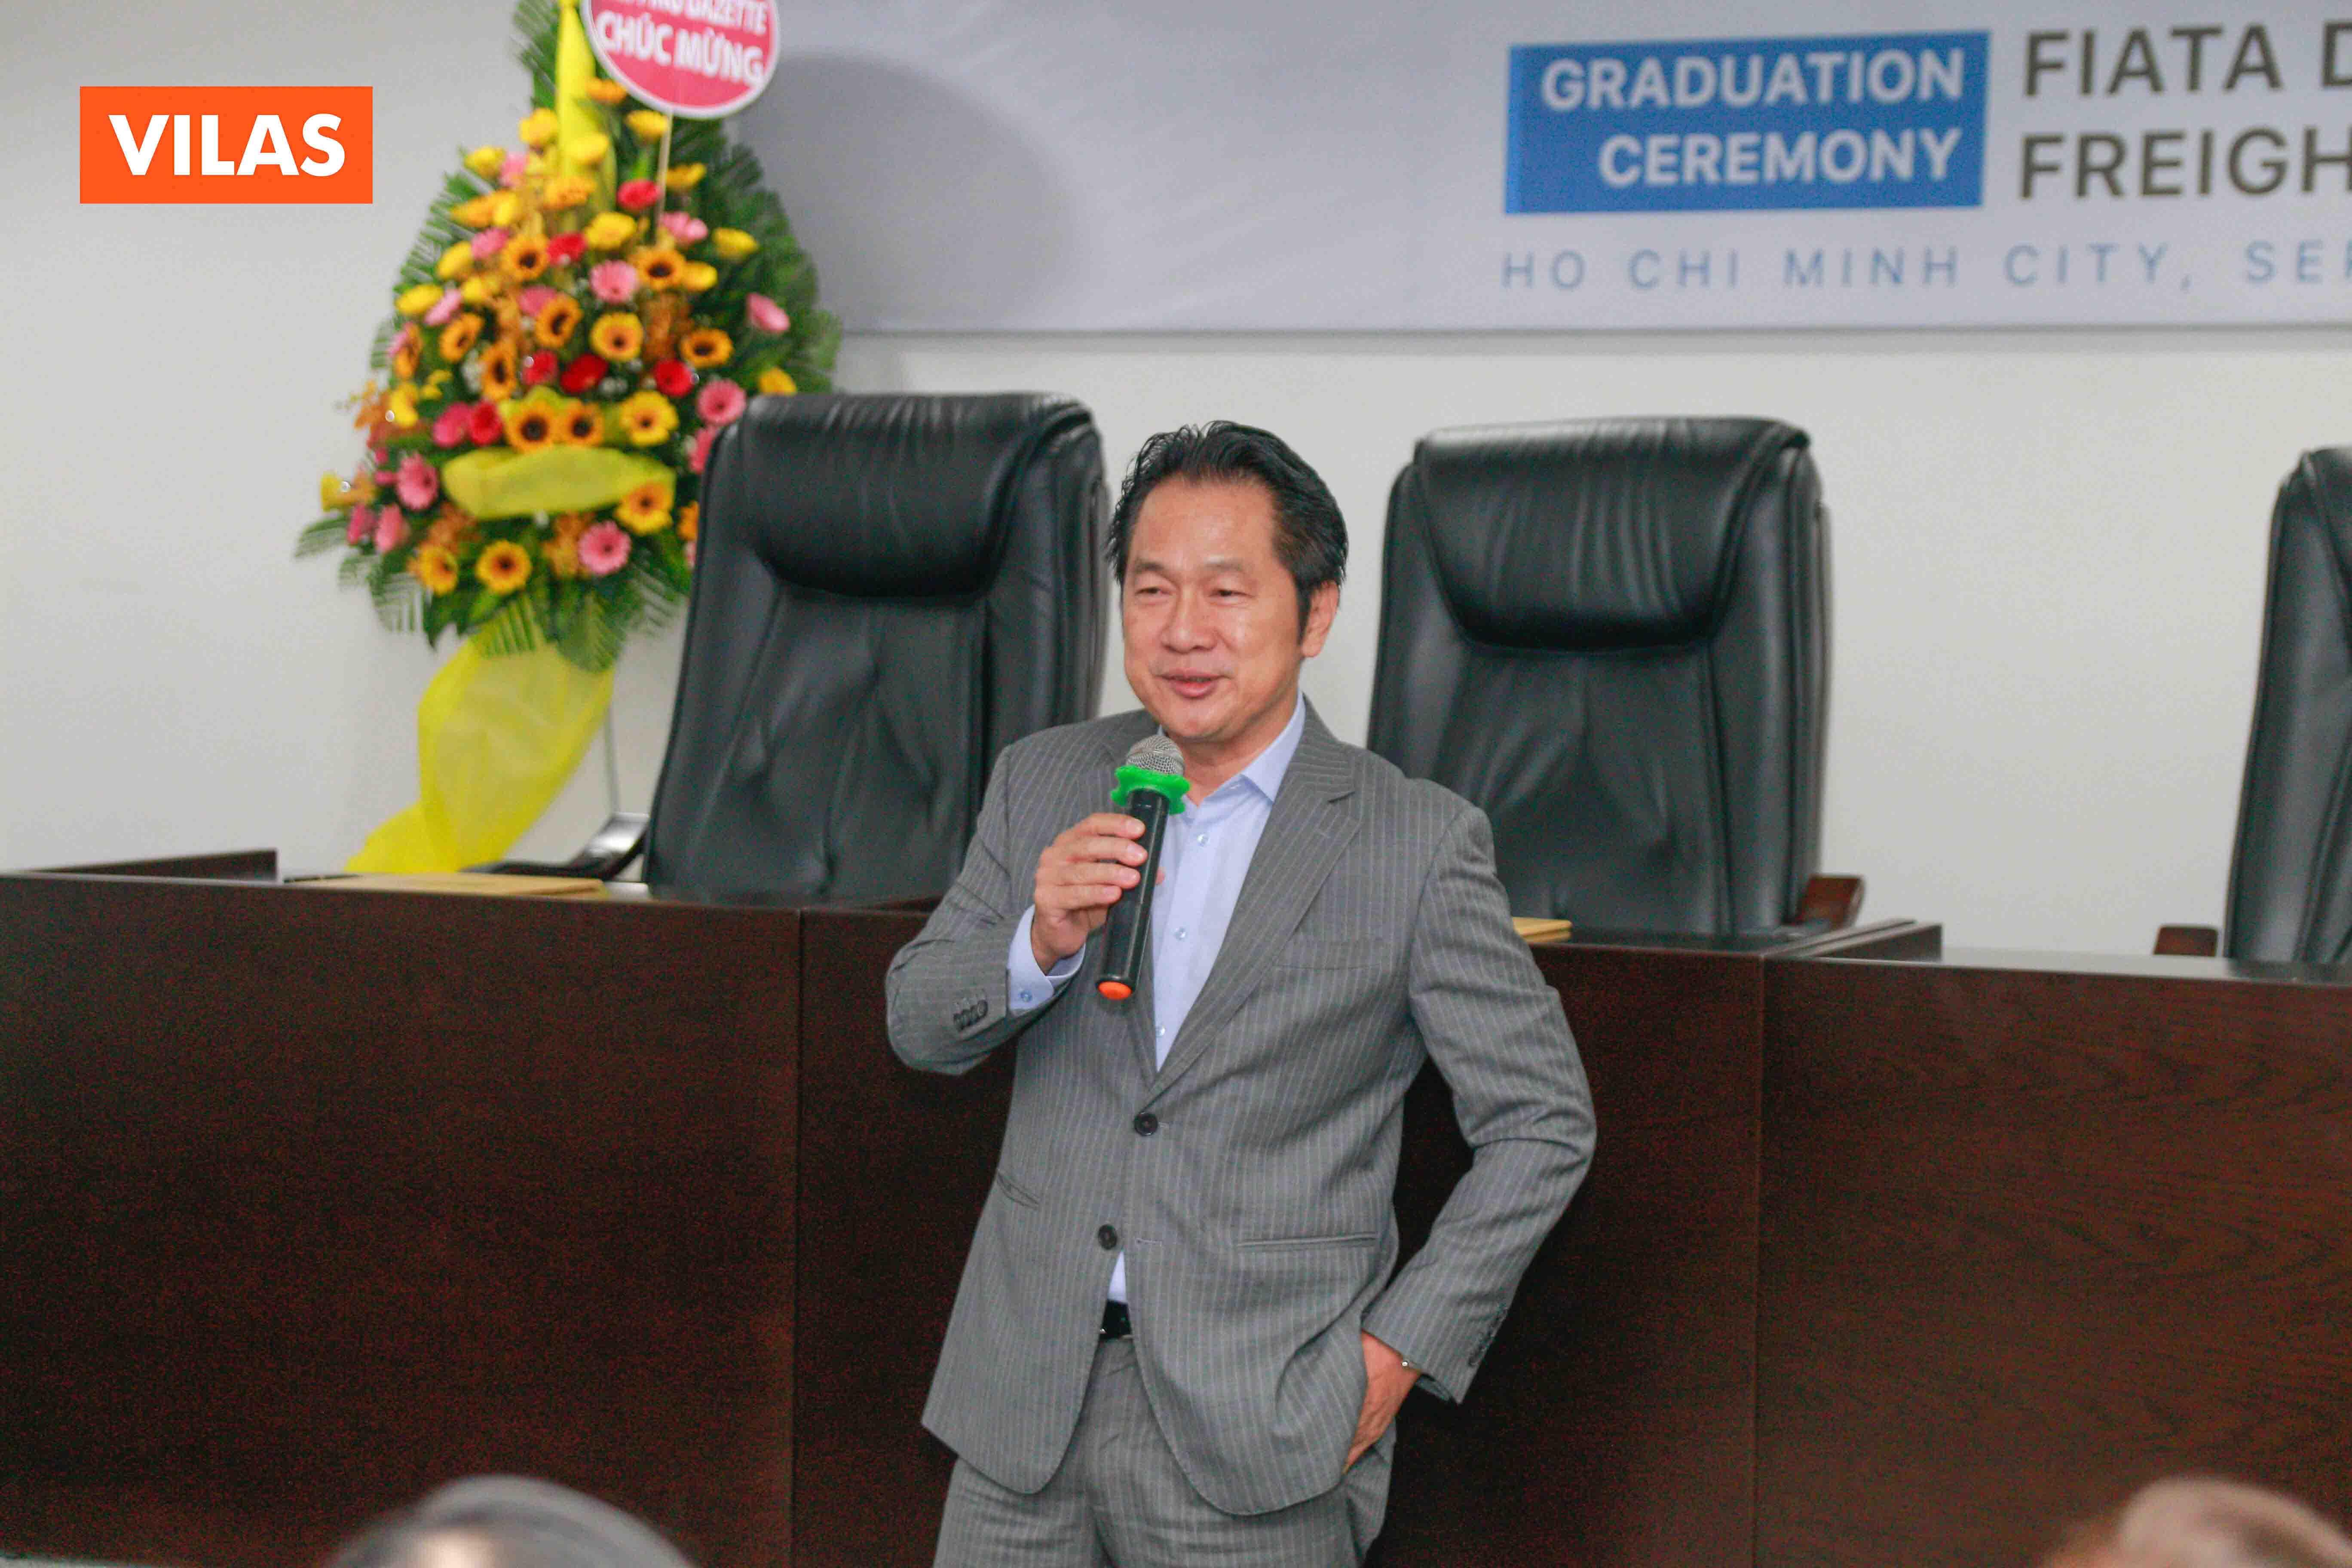 Ông Lê Duy Hiệp khẳng định Hiệp hội và các doanh nghiệp thành viên của VLA sẽ tiếp tục hỗ trợ, tạo điều kiện cho các bạn sinh viên